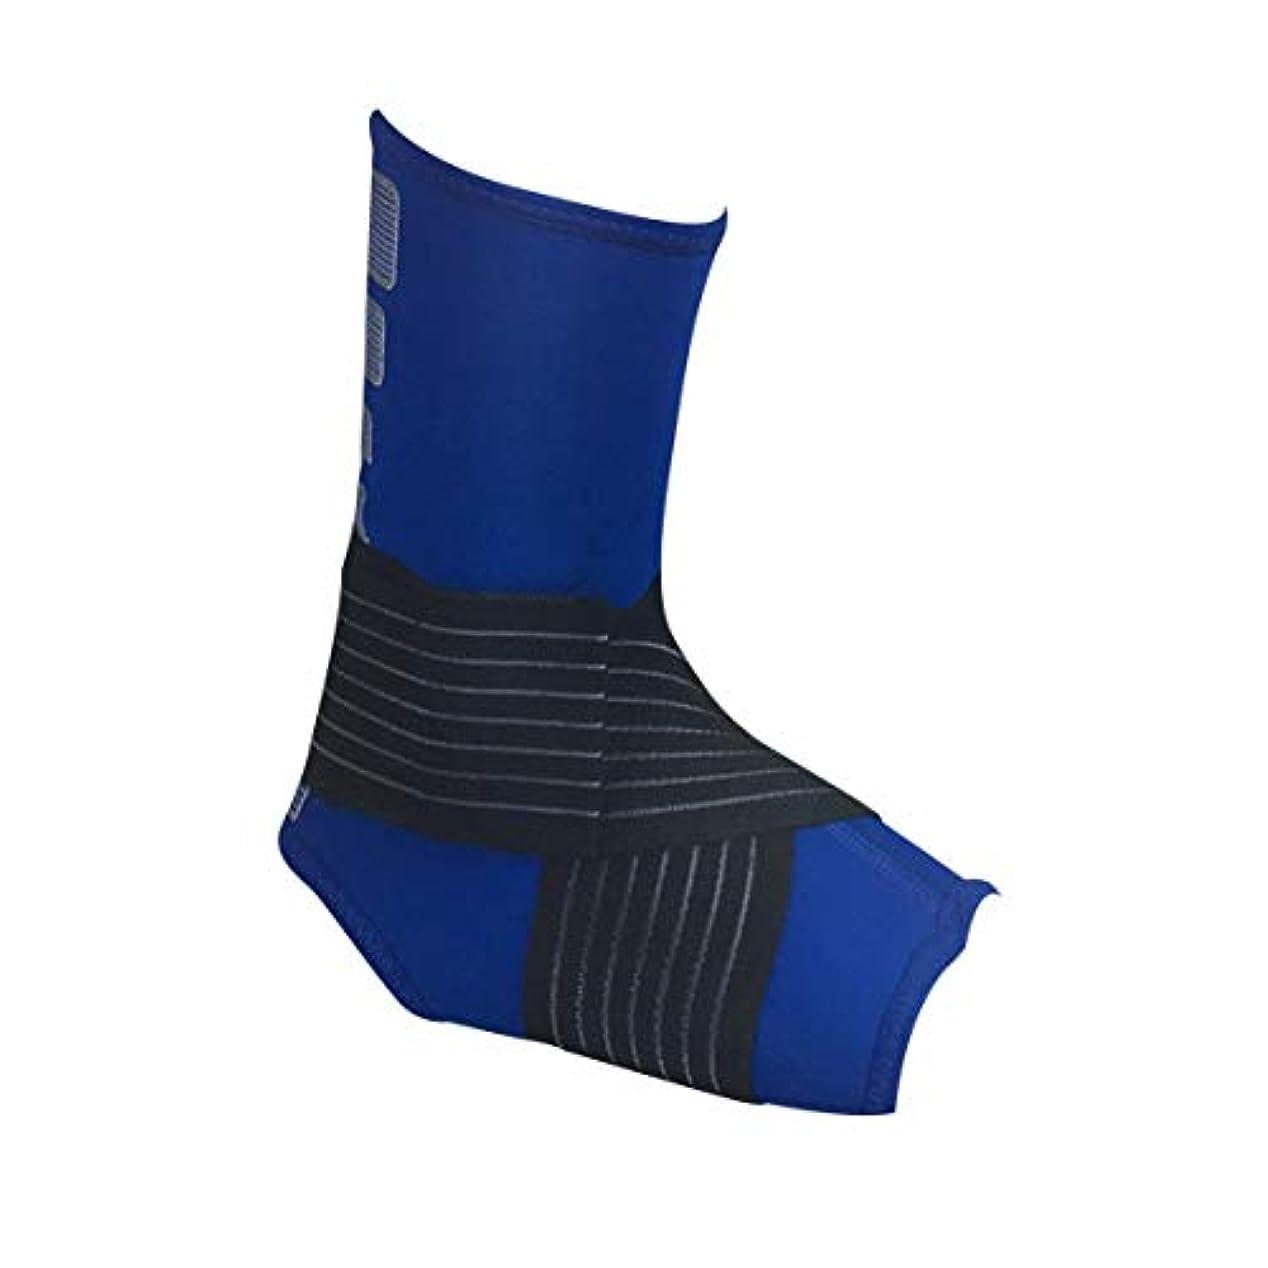 家庭生きる接触足首フットパッド包帯ブレースサポート保護足首ガードパッド快適な足首袖ランニングフィットネスサイクリング